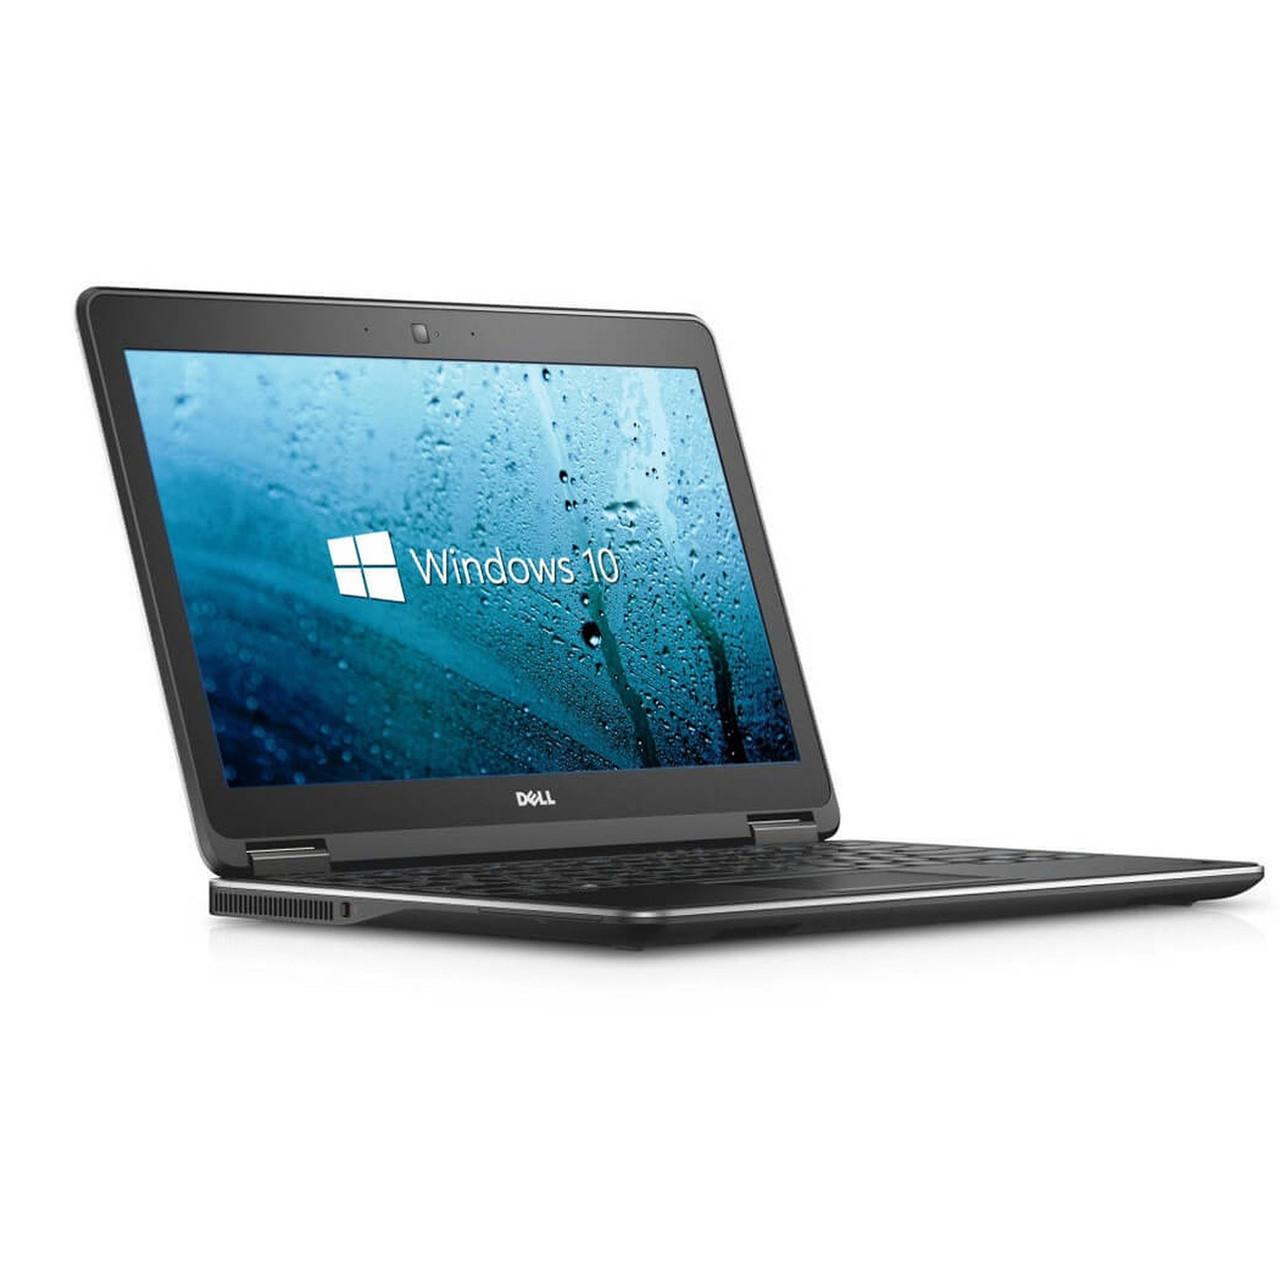 Dell Latitude E7250 Laptop Core i5 2.3GHz, 8GB Ram